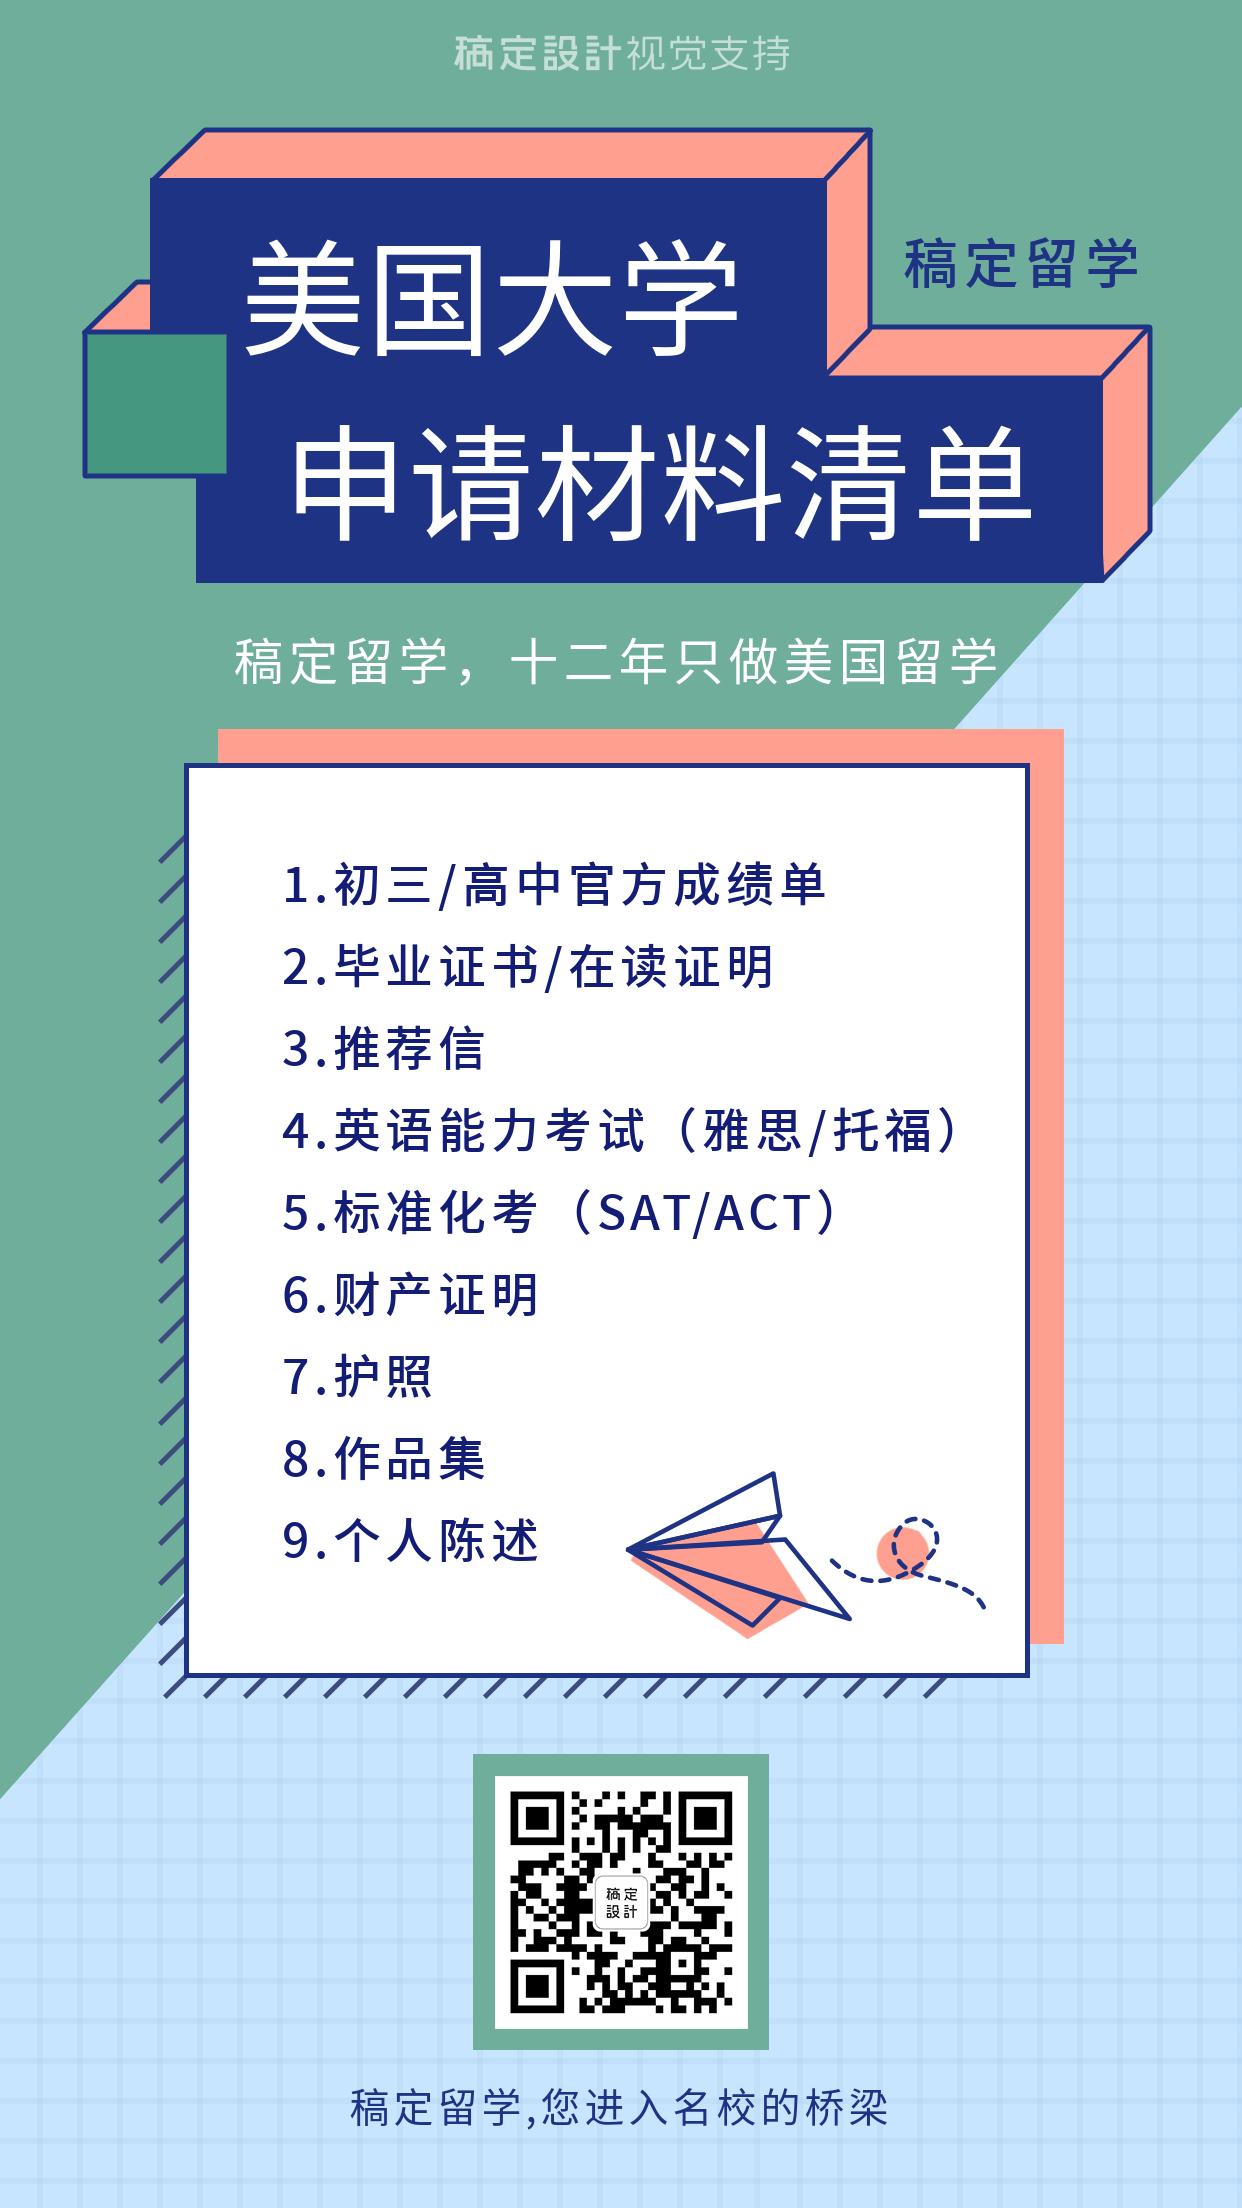 留学申请材料清单